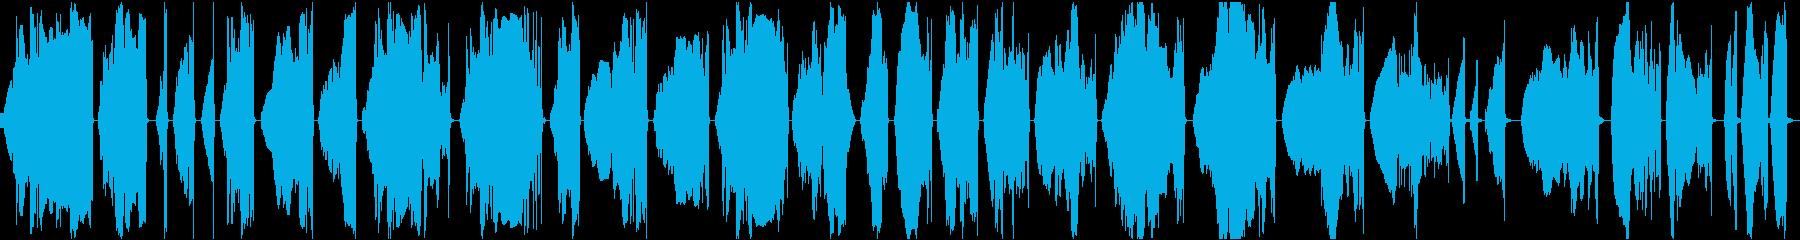 スペースワープとタイムシフトの喪失...の再生済みの波形